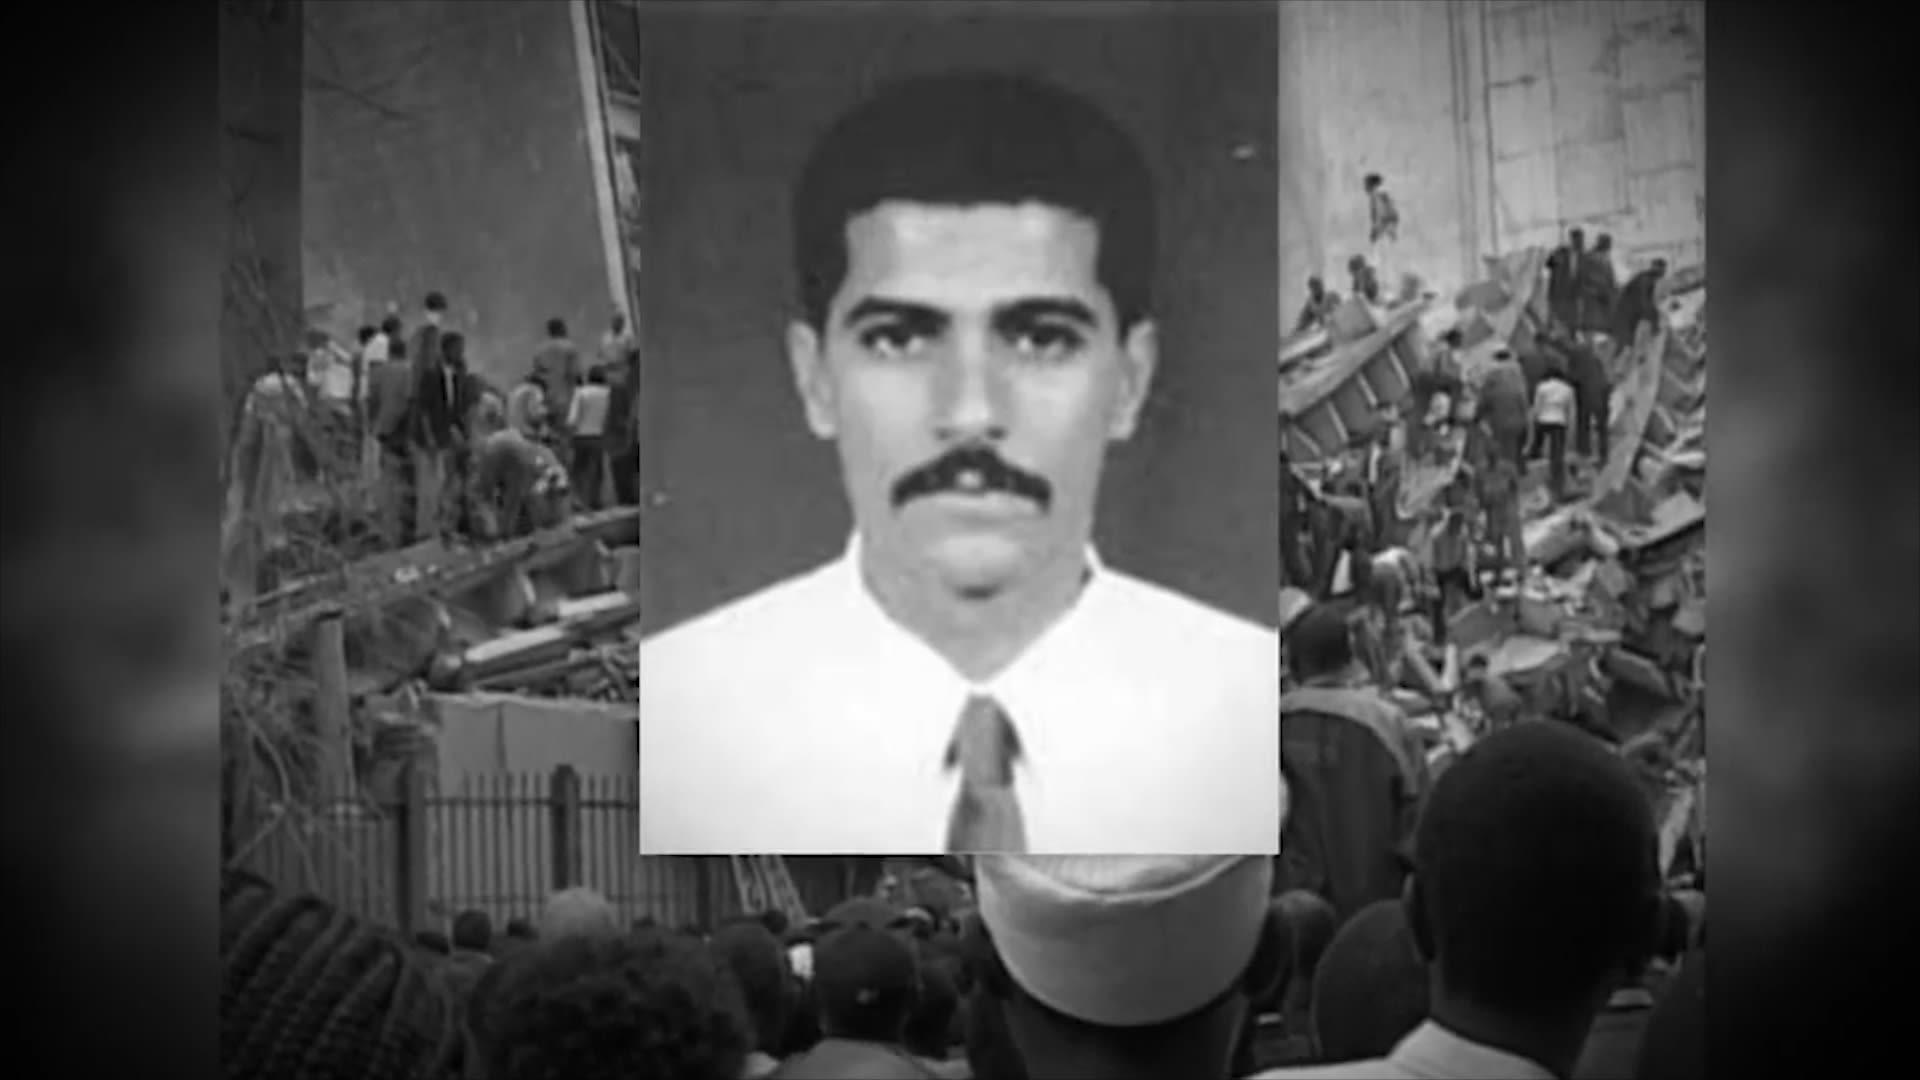 غموض حول أنباء اغتيال أبومحمد المصري في إيران.. ماذا حدث؟